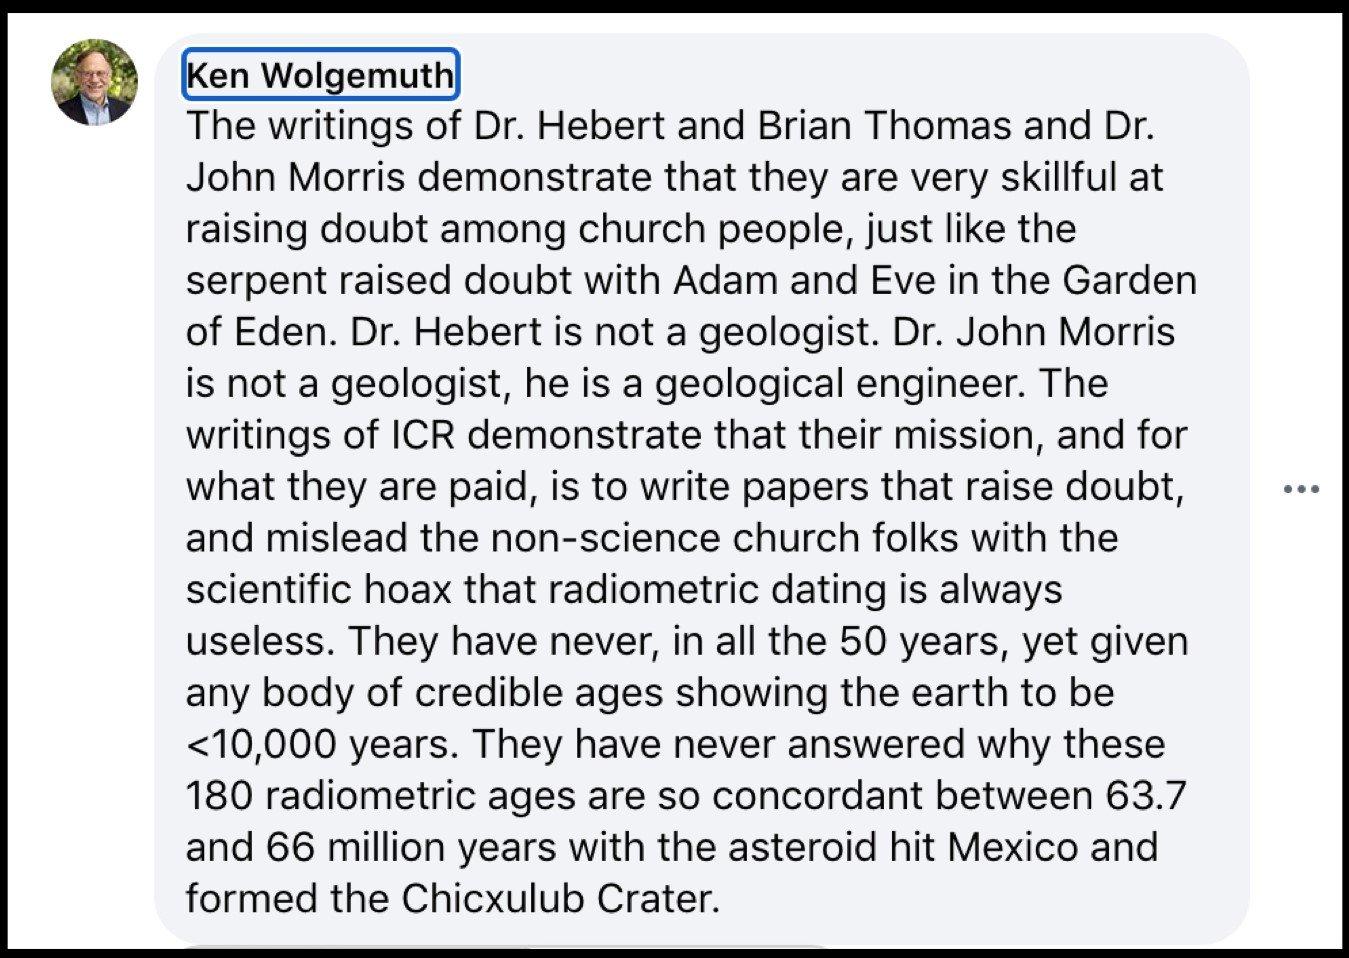 Ken Wolgemuth's Facebook page